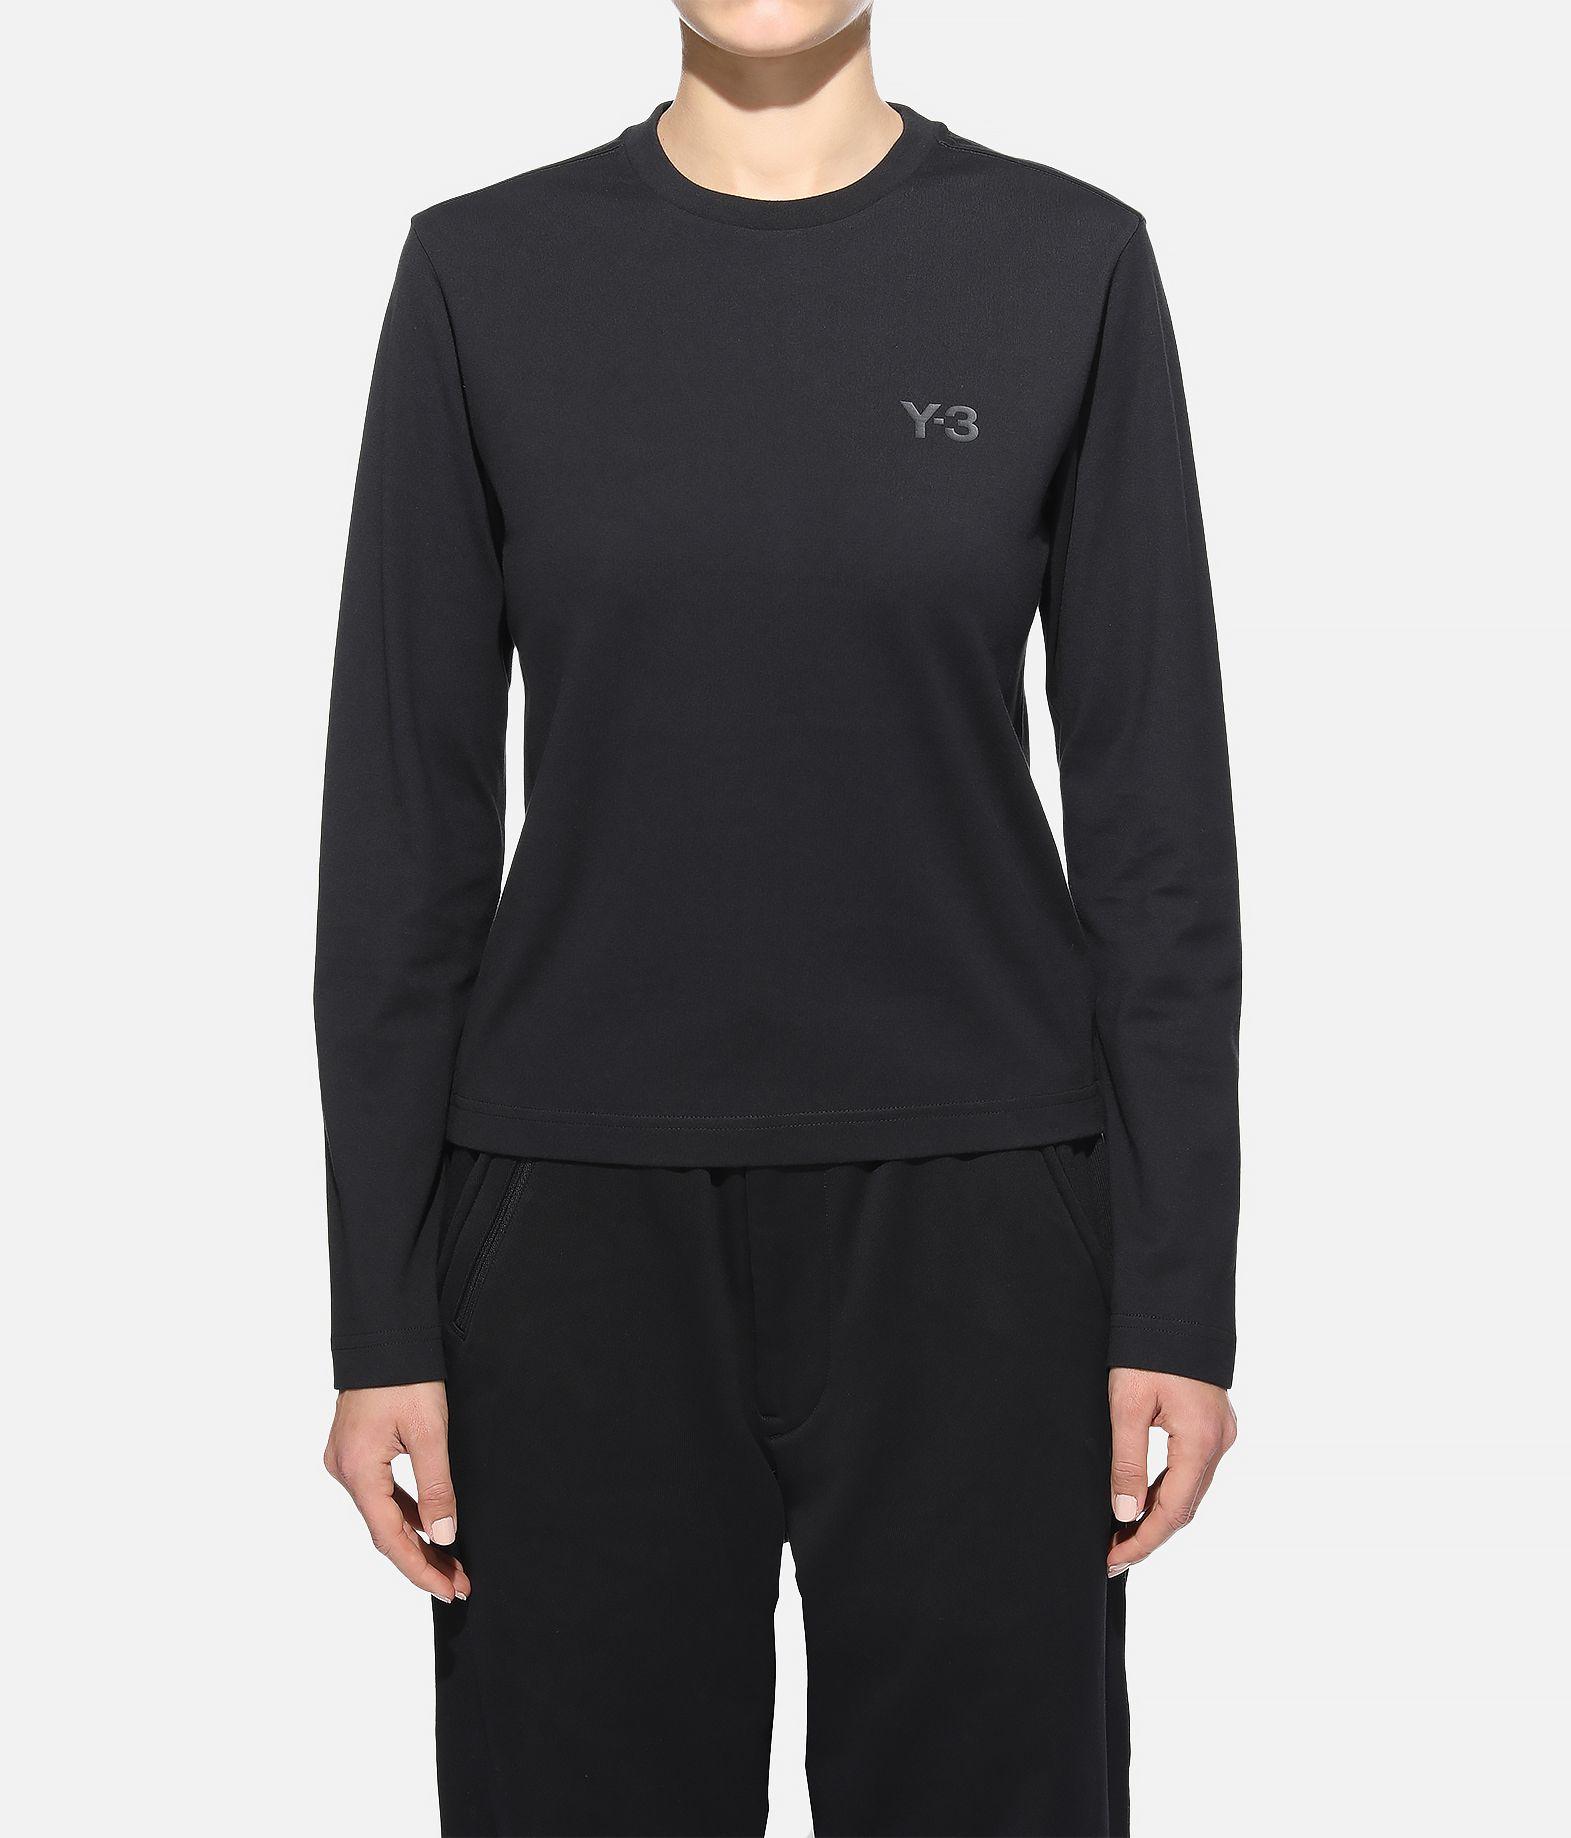 Y-3 Y-3 Long Sleeve Tee  Long sleeve t-shirt Woman d